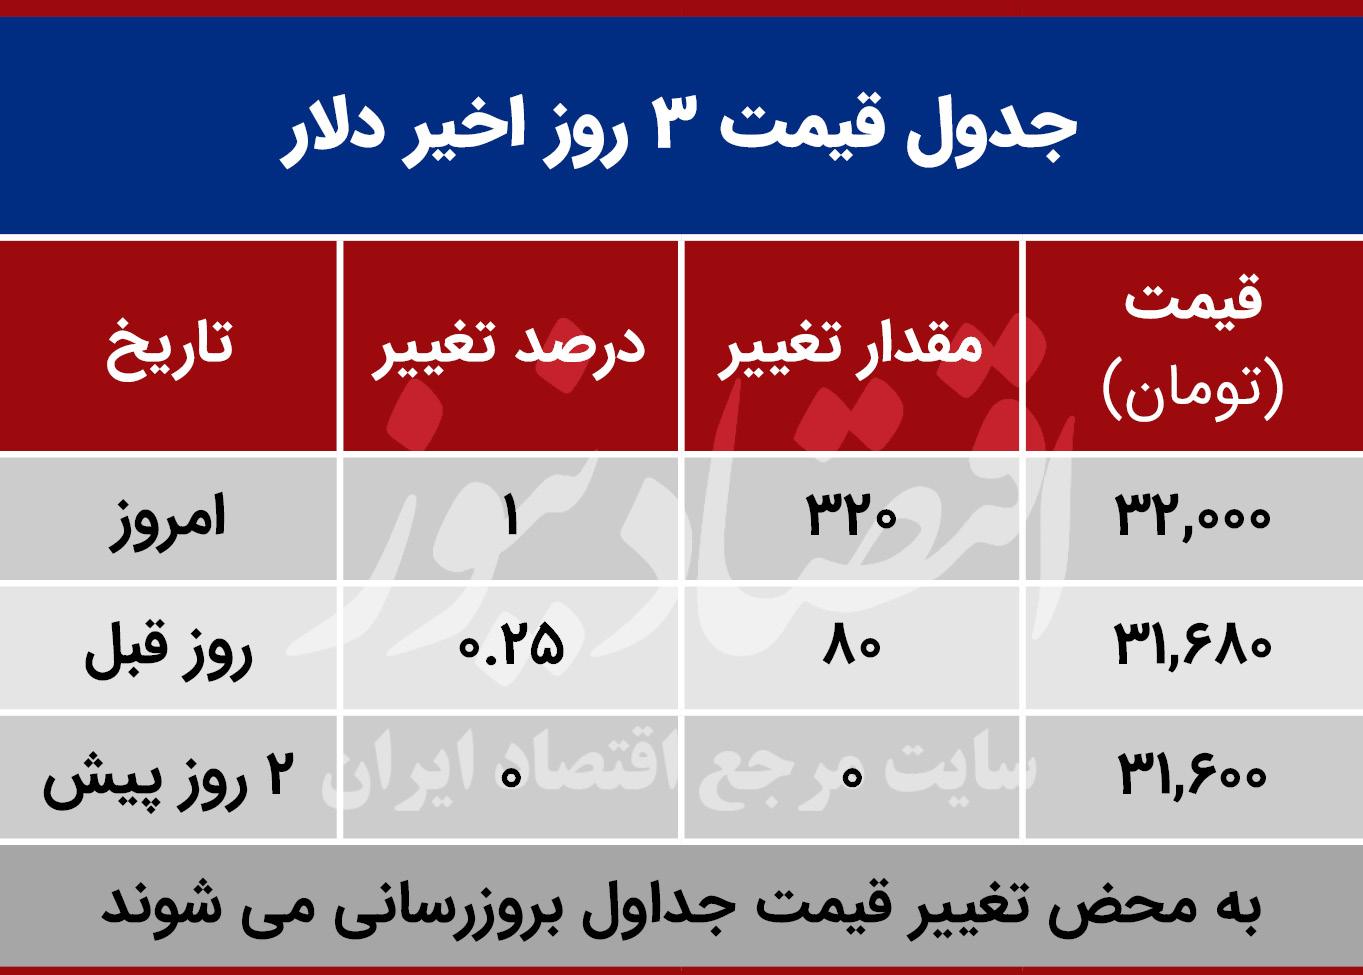 قیمت دلار امروز 24 مهر 99